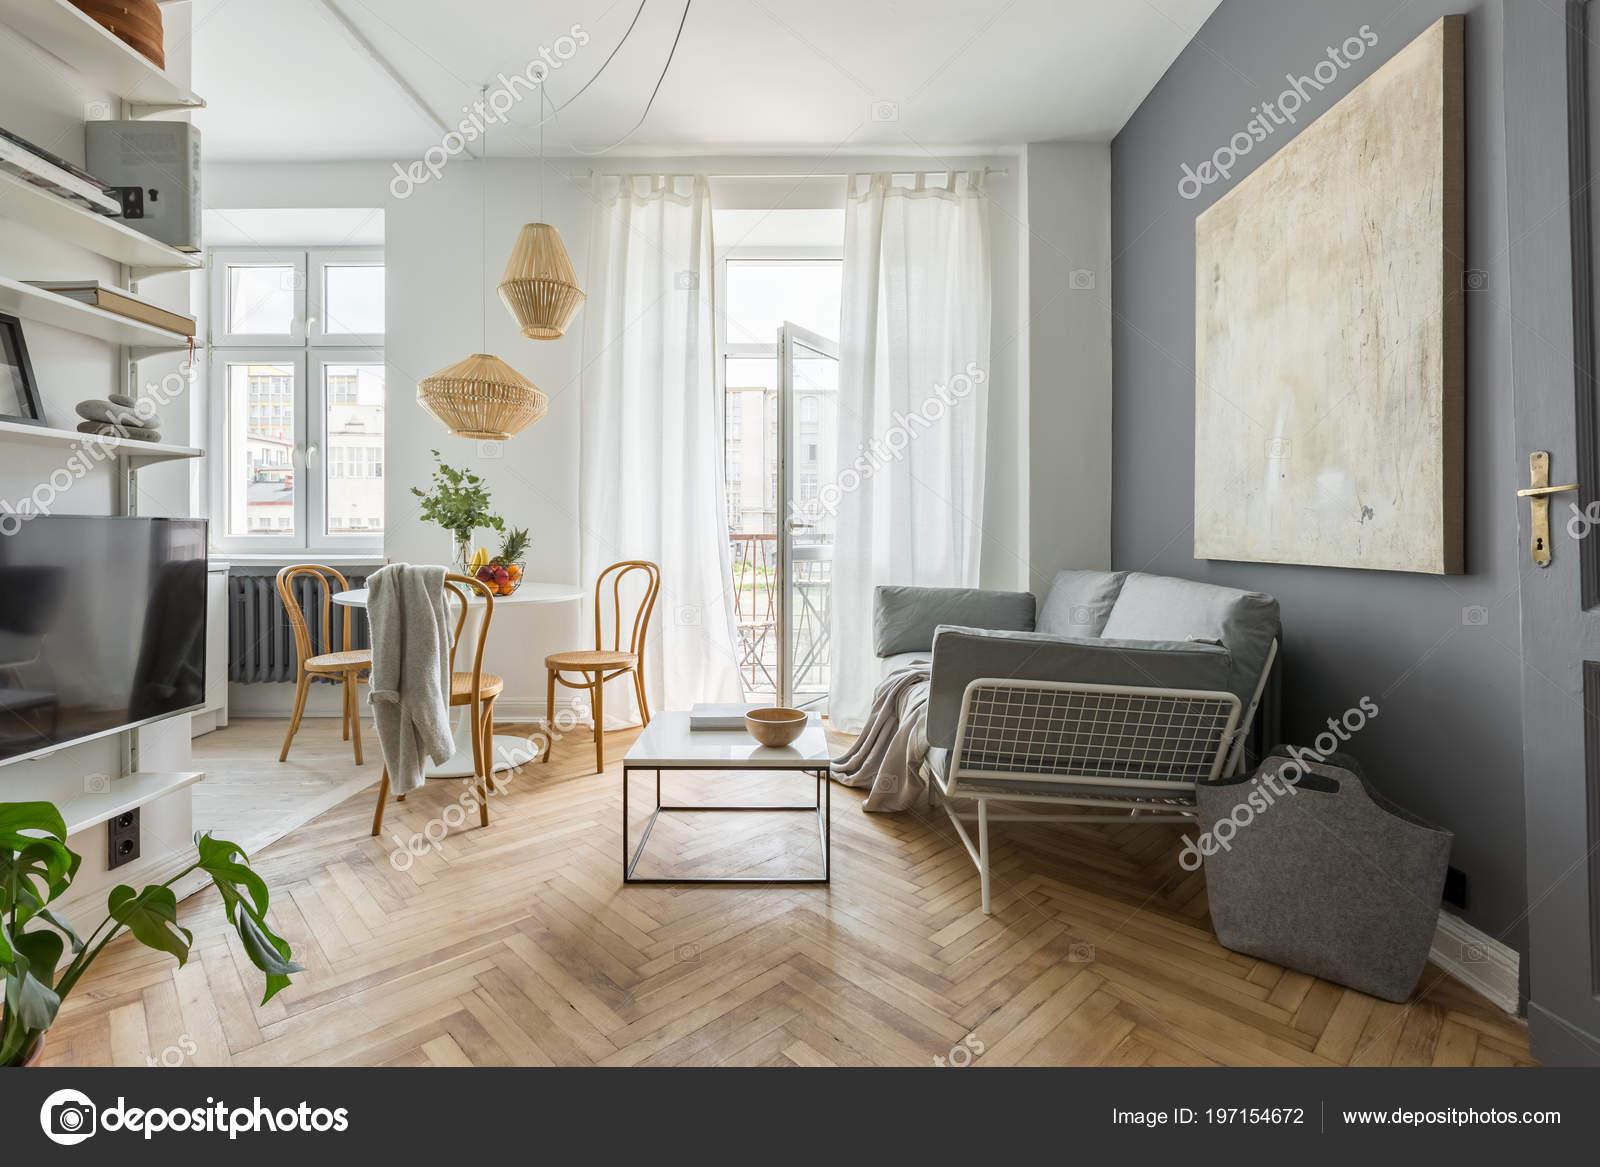 Gemütliches Haus Skandinavischen Stil Mit Wohnzimmer Stockfoto